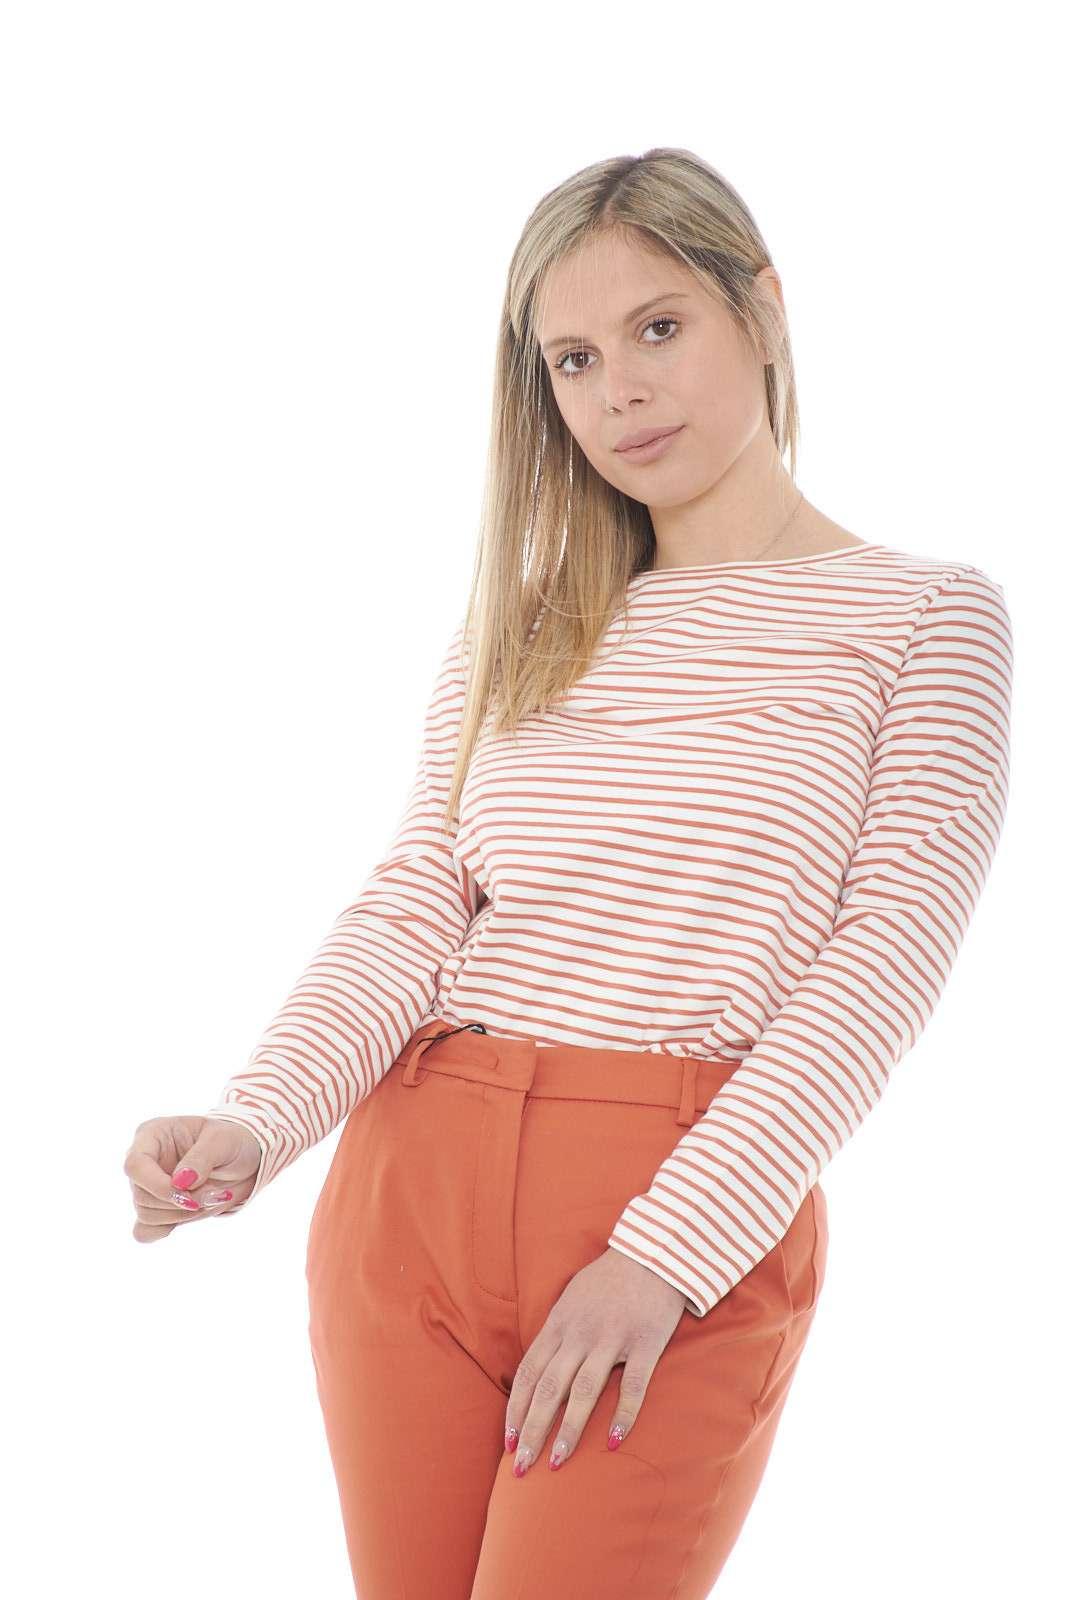 Confortevole e quotidiana, la blusa firmata Weekend Max Mara mette d'accordo tutti i gusti. Una vestibilità slim impreziosita dalla delicata fantasia rigata. Dai jeans ai pantaloni chino, fino ad arrivare ad uno short in jeans è sempre una preziosa alternativa.